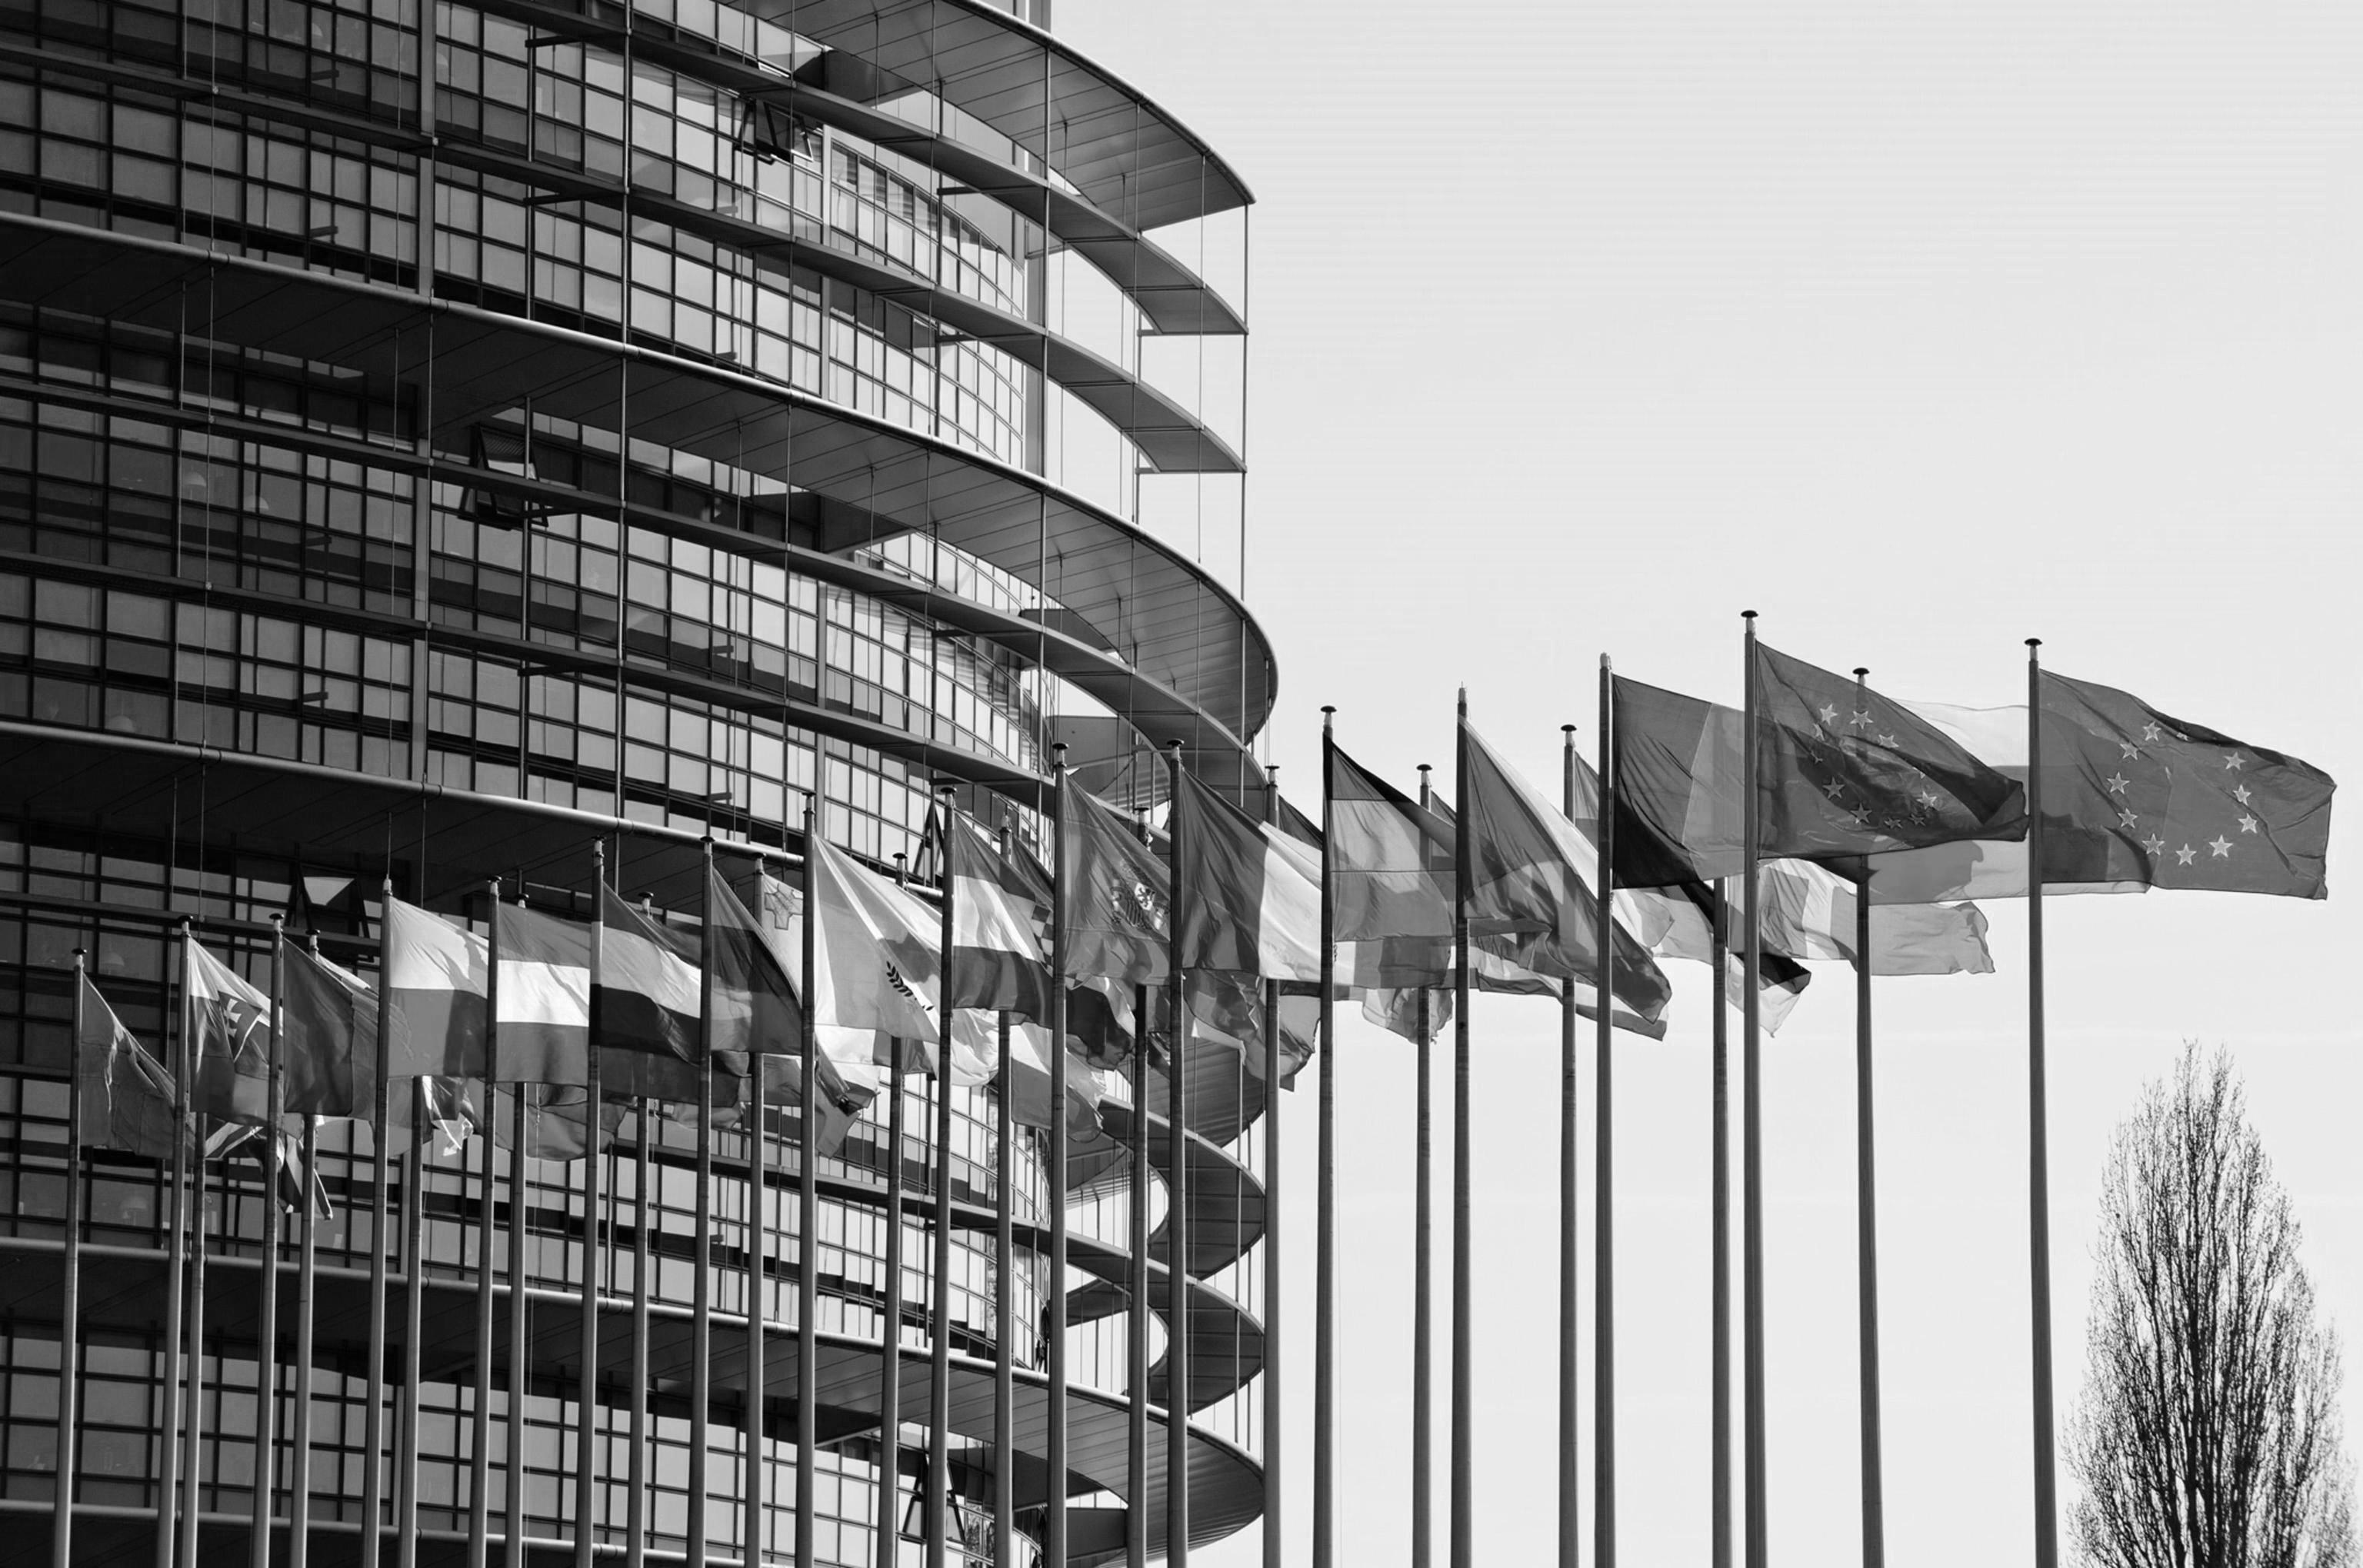 Newsalert - Le proposte di modifica della Commissione Europea al Regolamento Prospetto in risposta alla pandemia di Covid-19